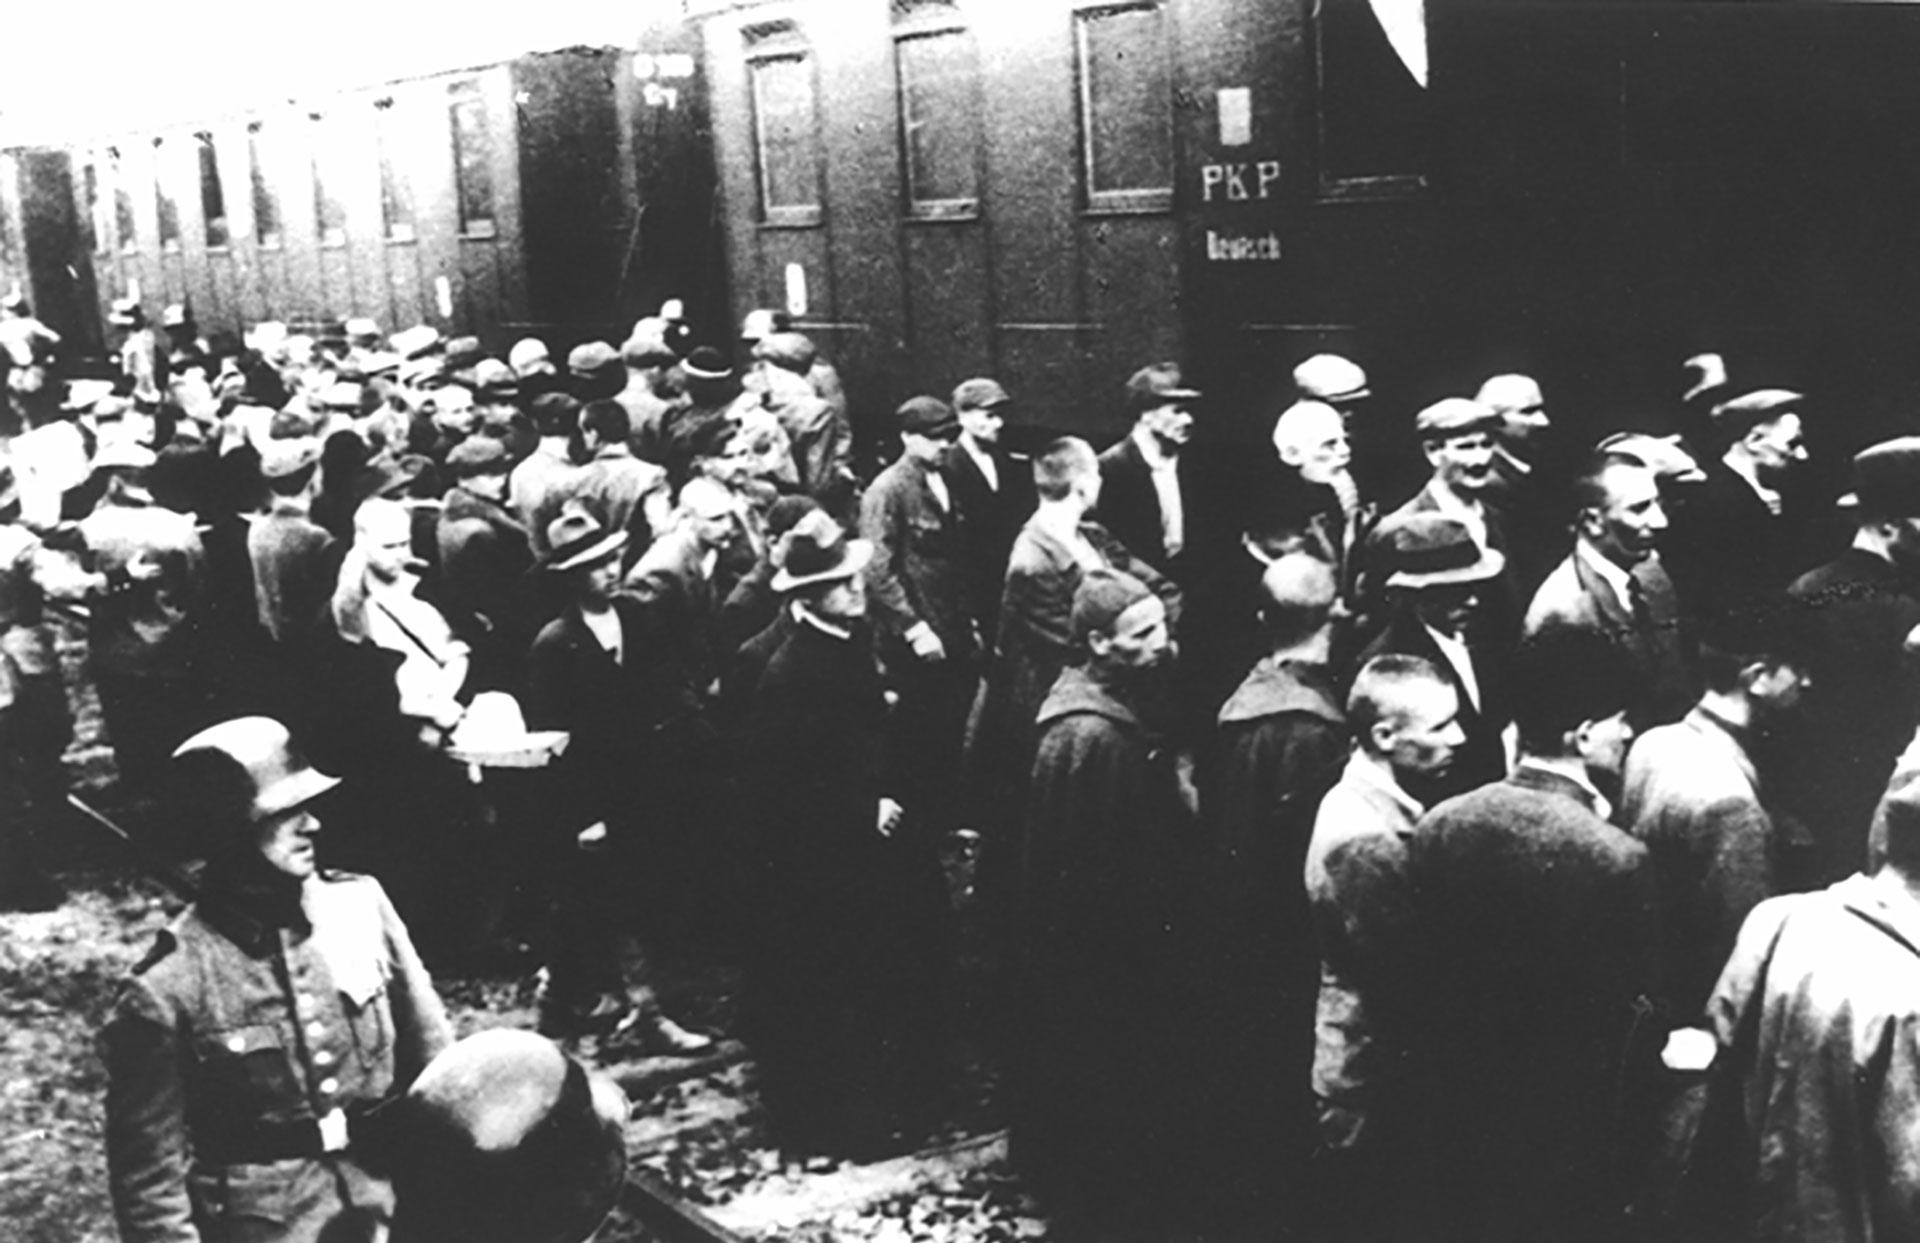 Los primeros prisioneros del campo fueron 728 presos políticos polacos de Tarnów